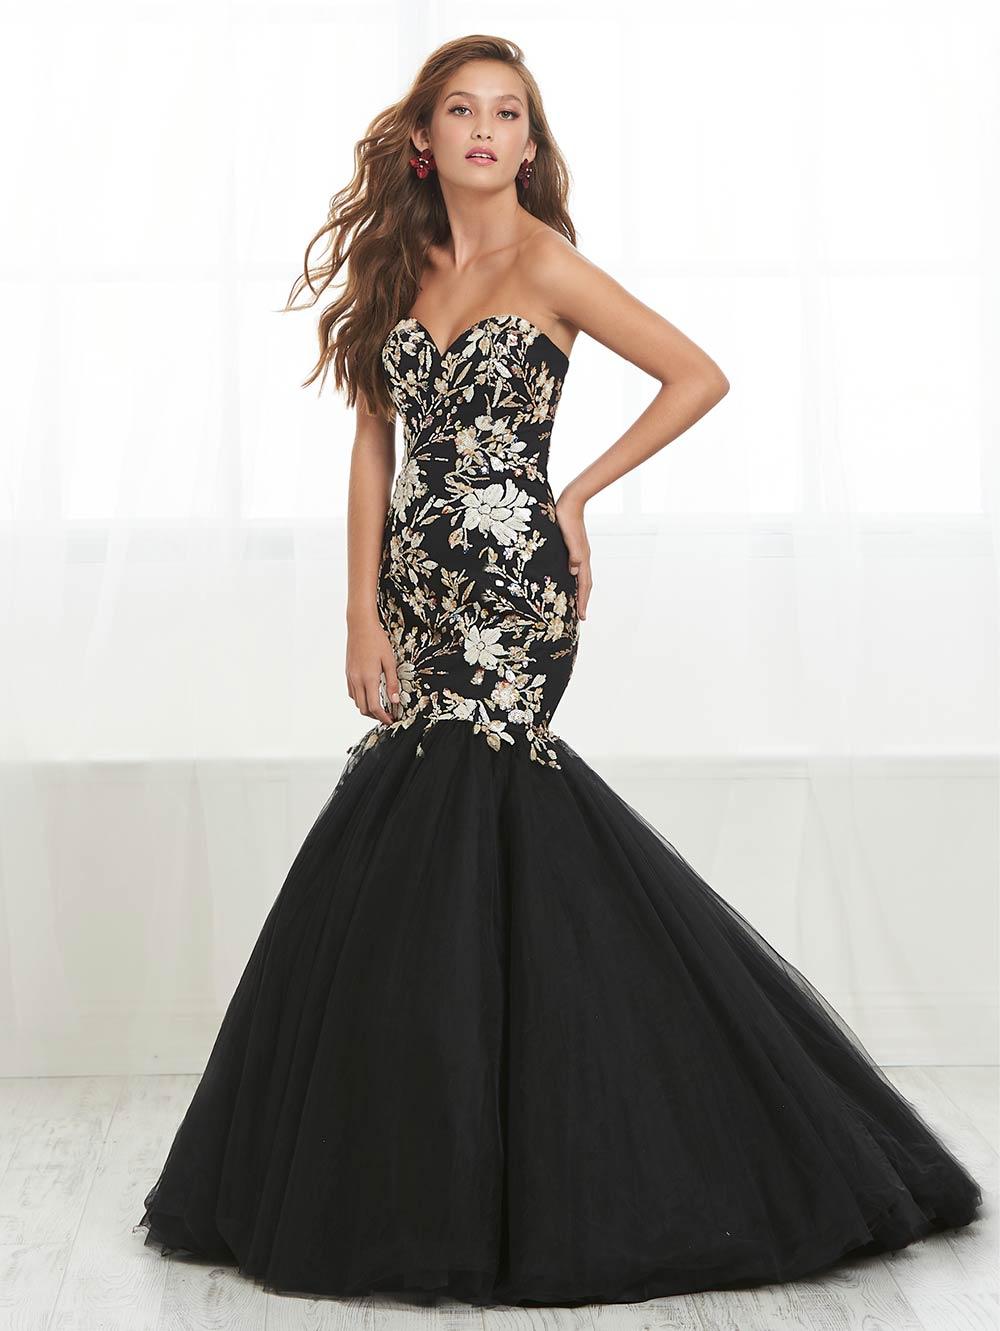 prom-dresses-jacquelin-bridals-canada-27878